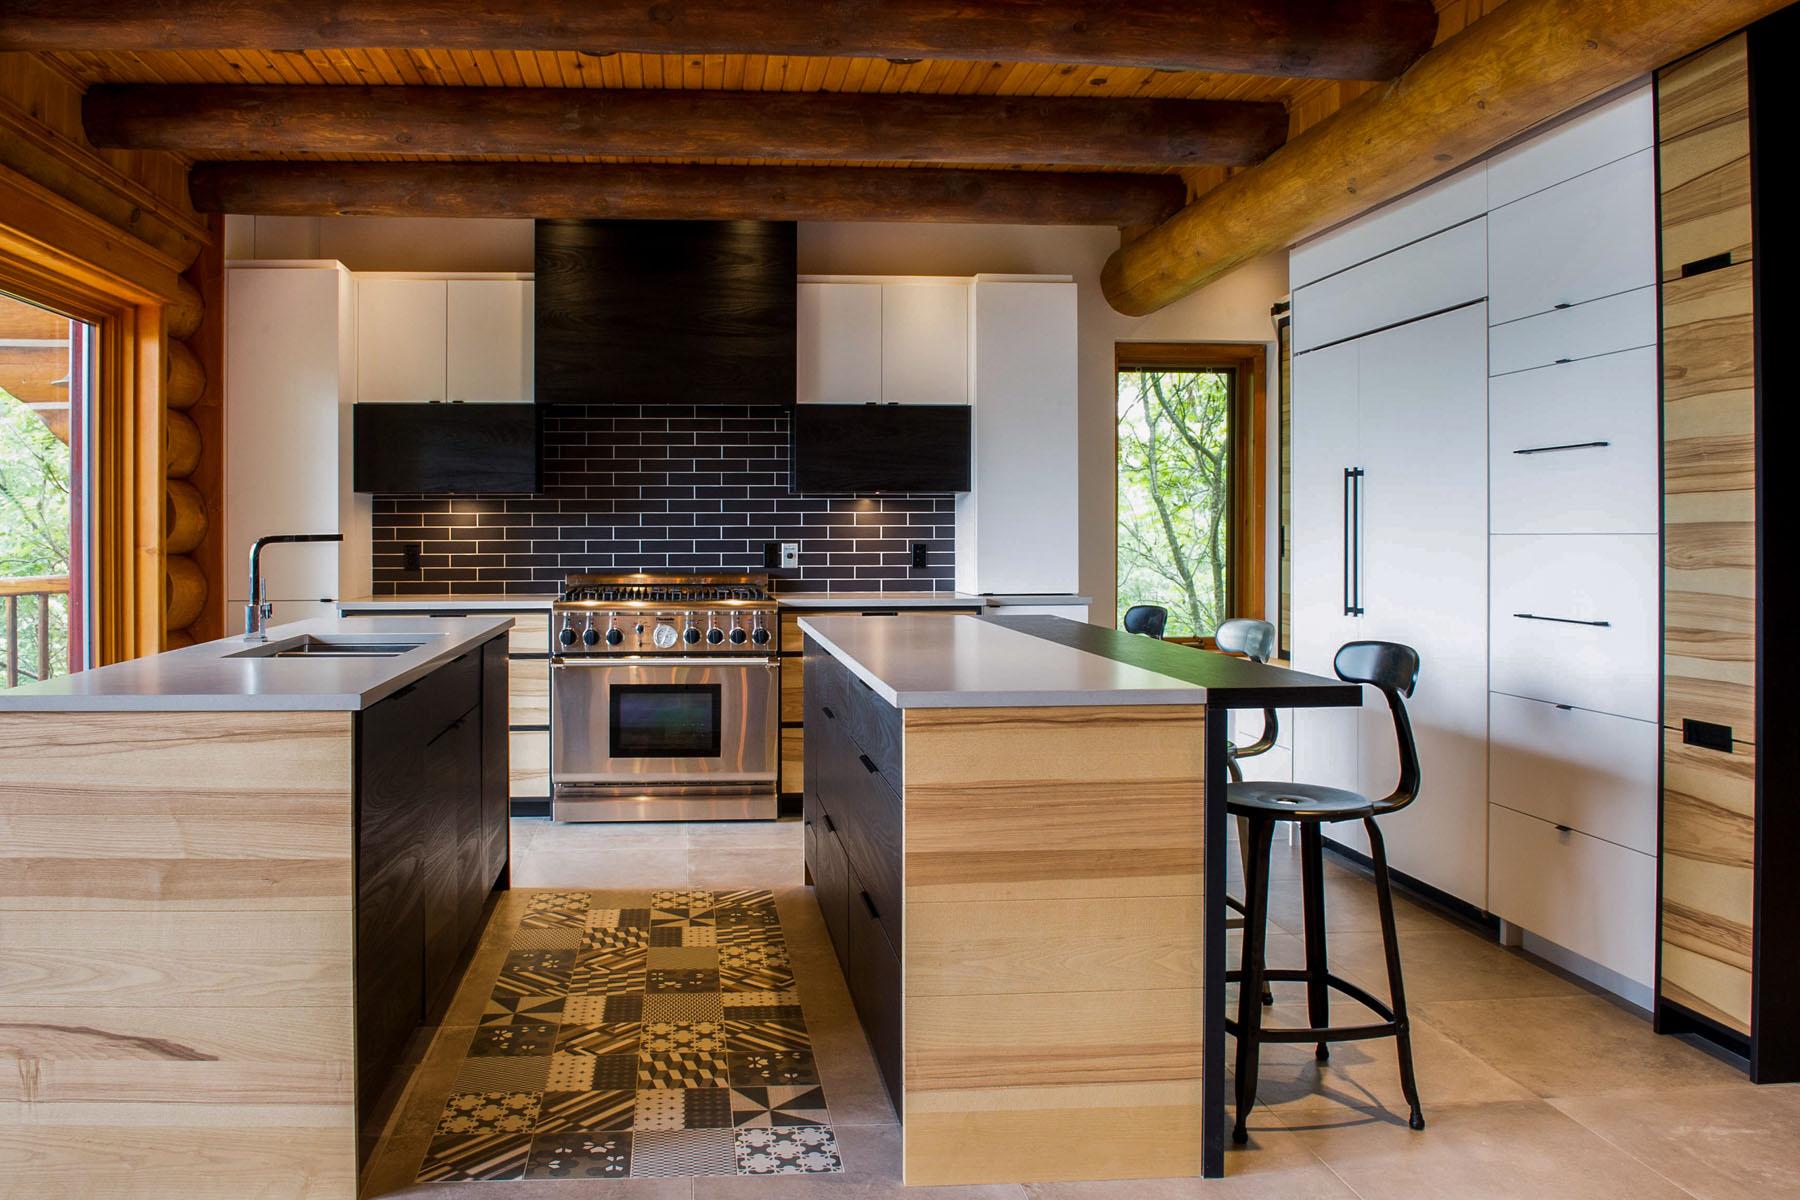 rénovation maison bois rond bord de l'eau | kalla cuisine design